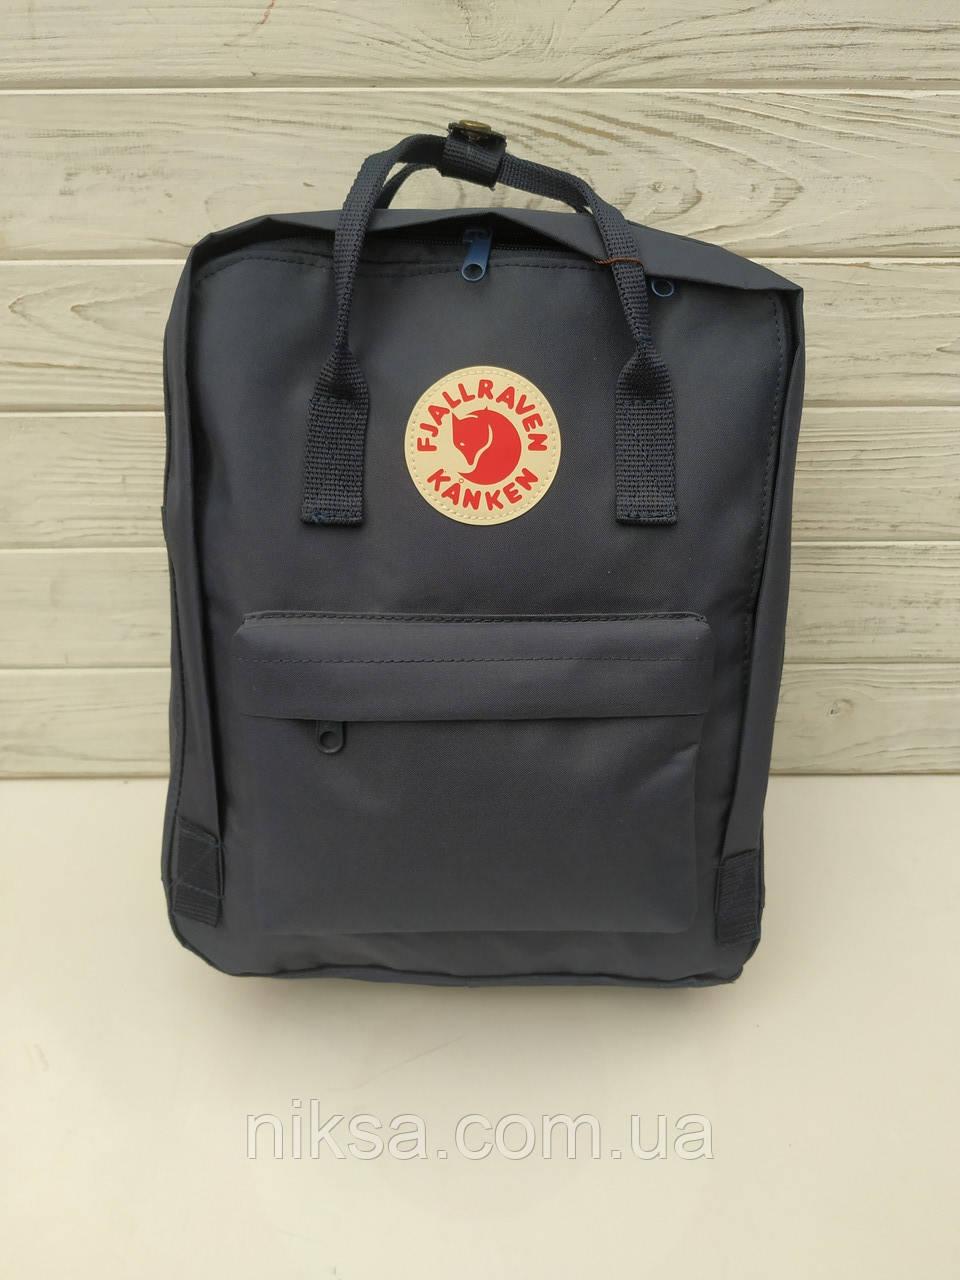 Городской рюкзак-сумка Канкен Kanken цвет Темно Синий